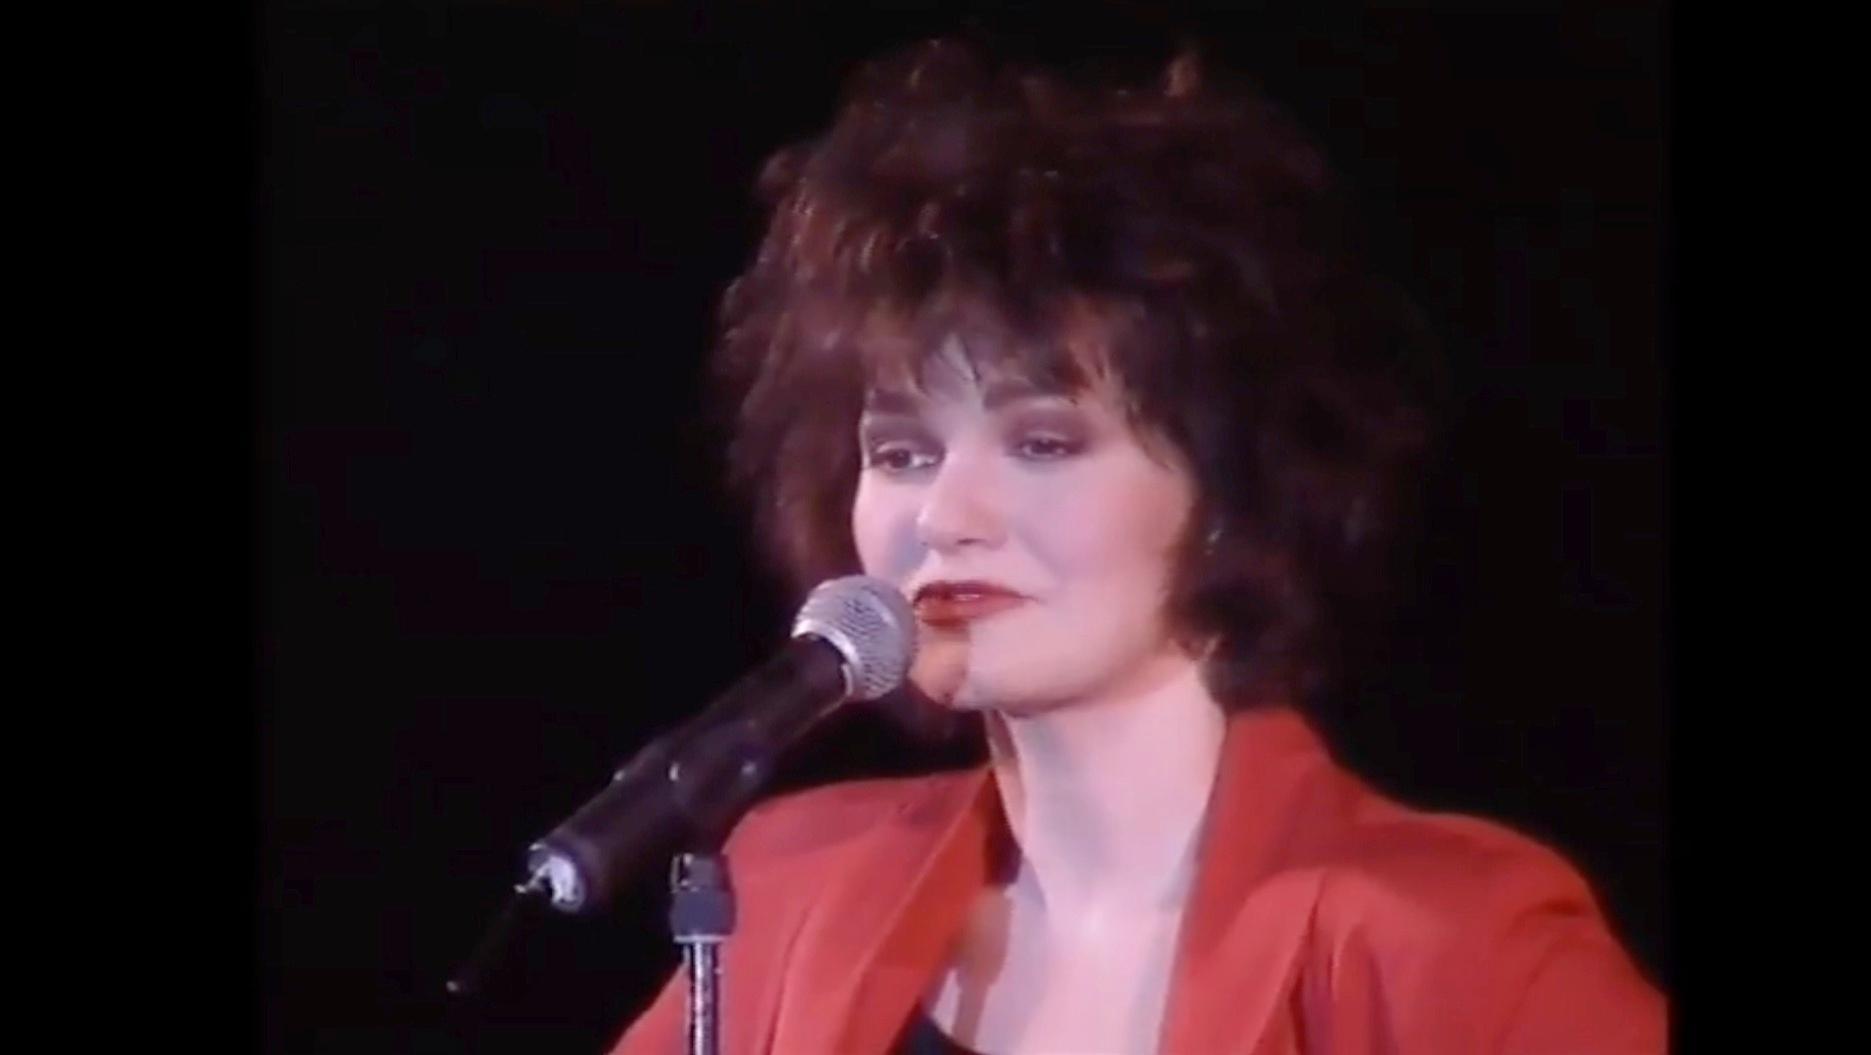 La chanteuse Maurane est décédée: retour sur son concert à Tournai en 1993